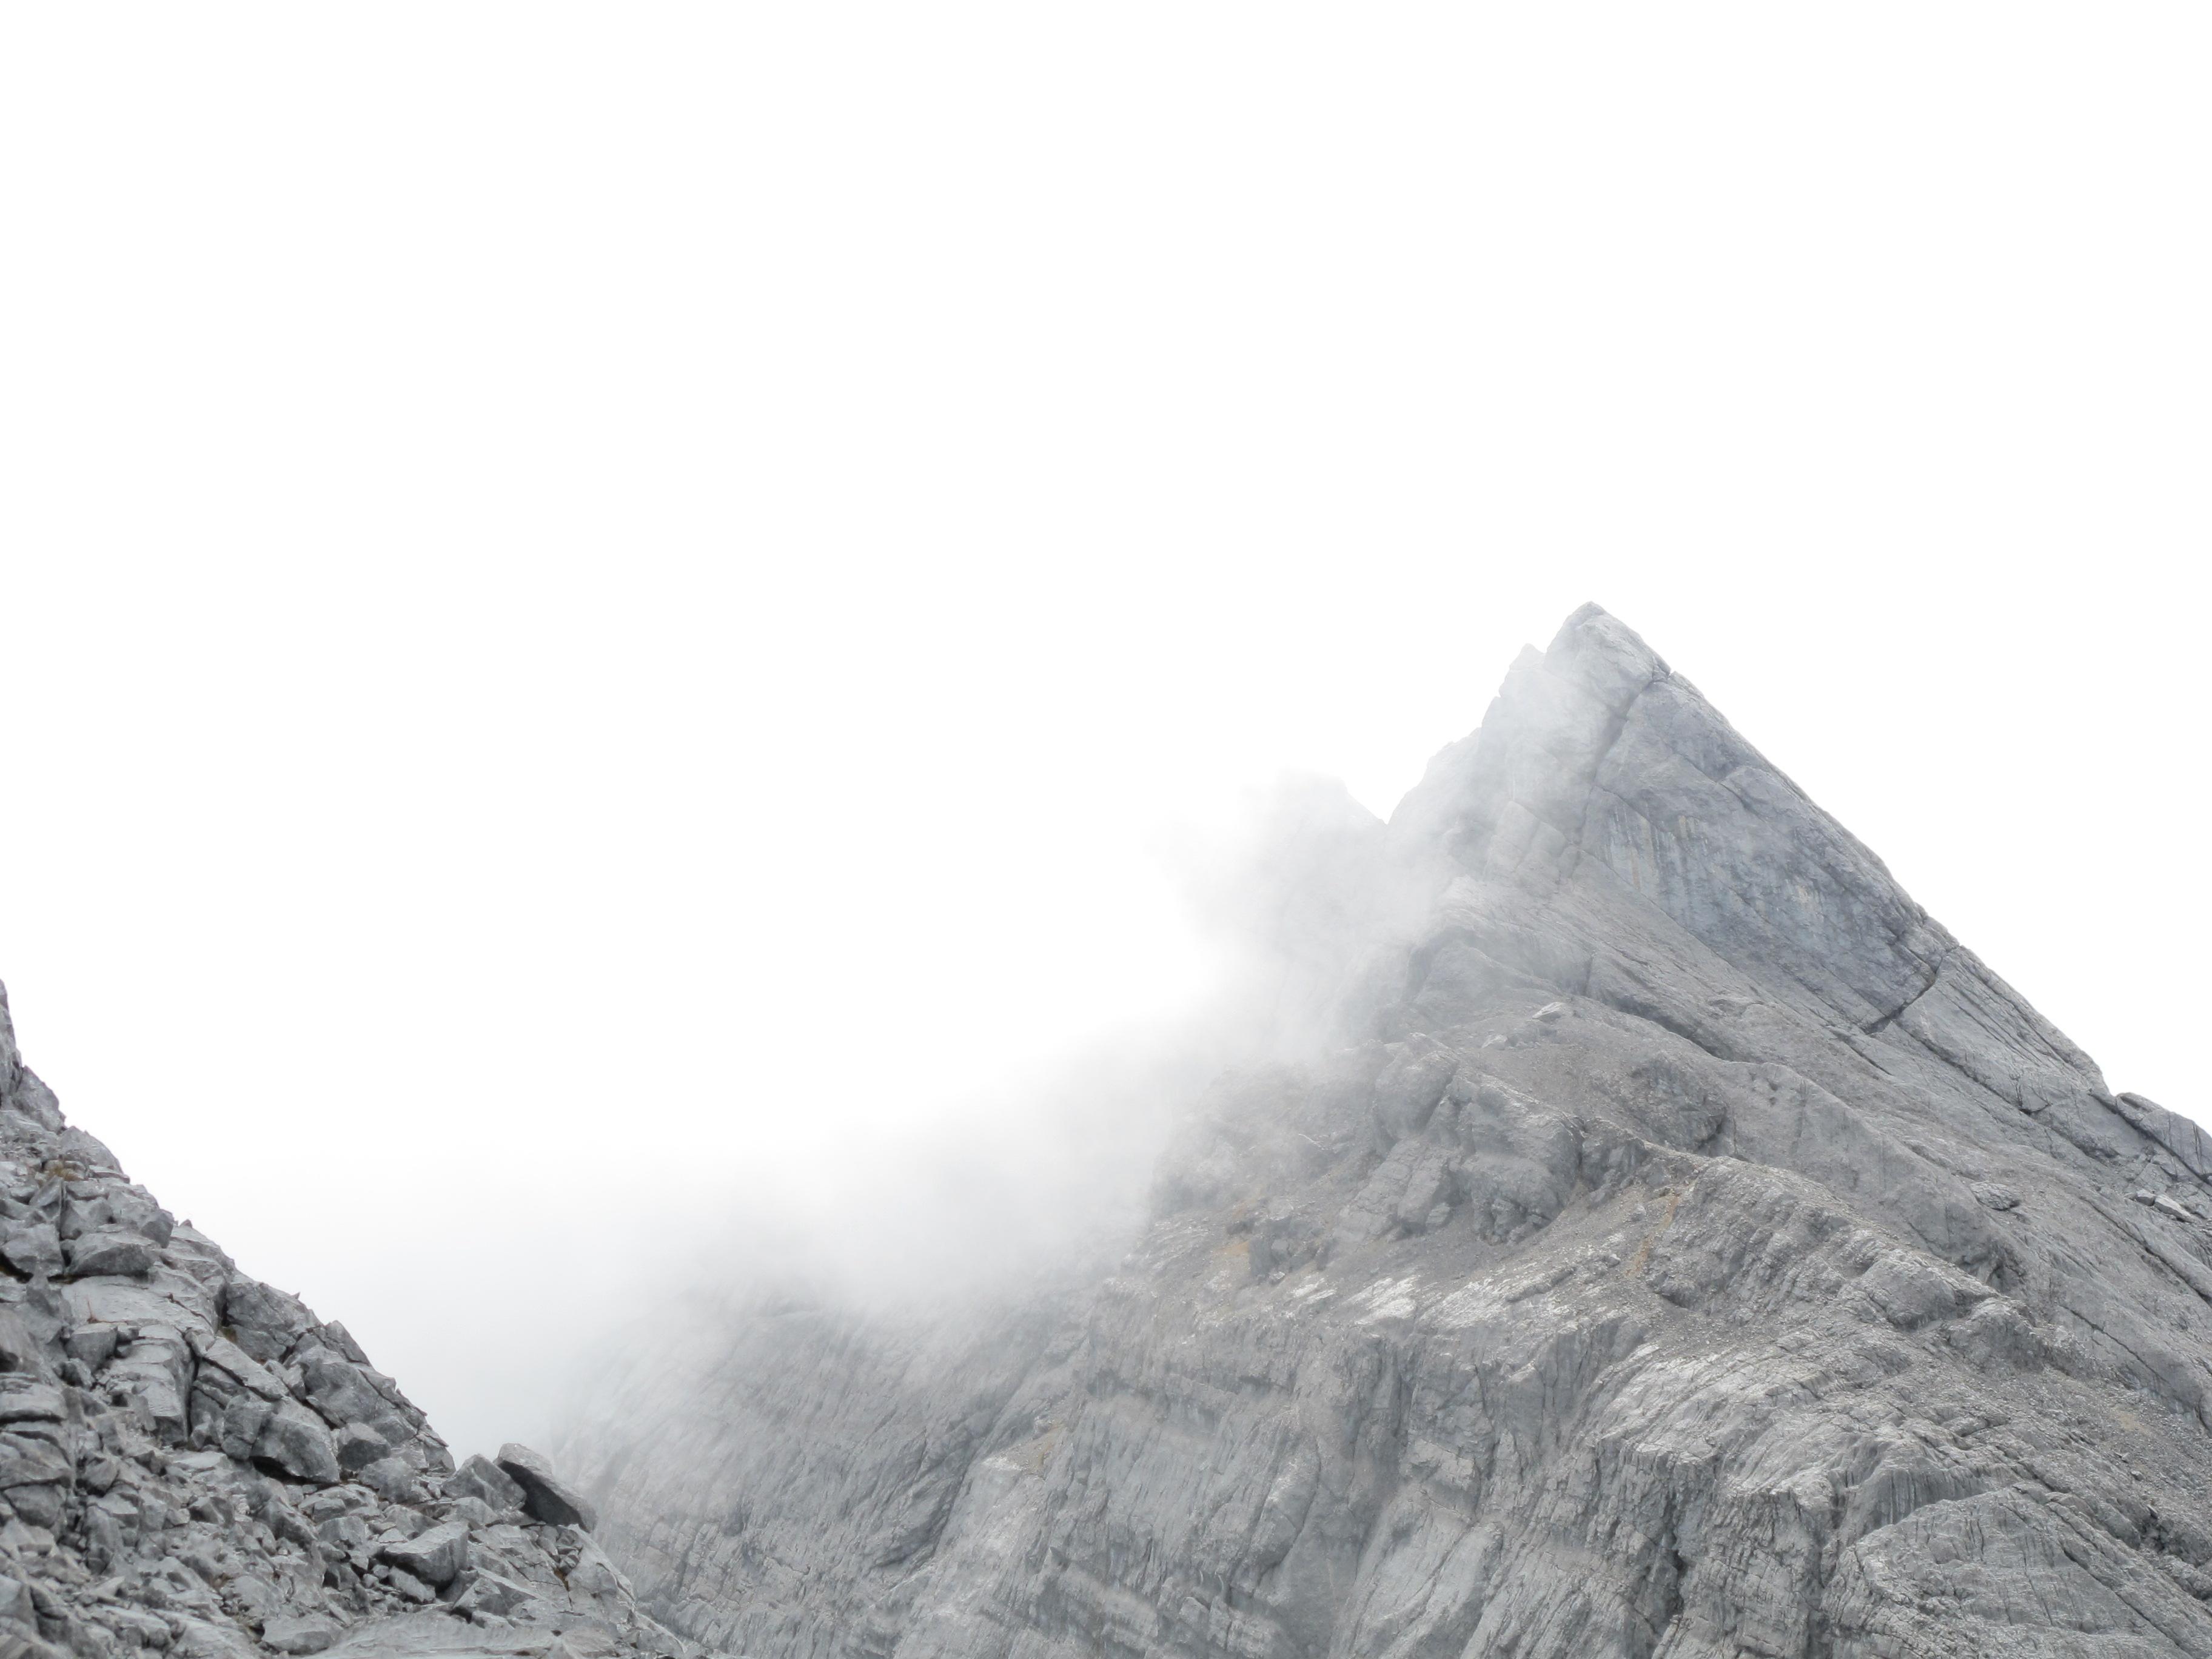 1st Dec 2010 View of Trikora from cloudy summit ridge